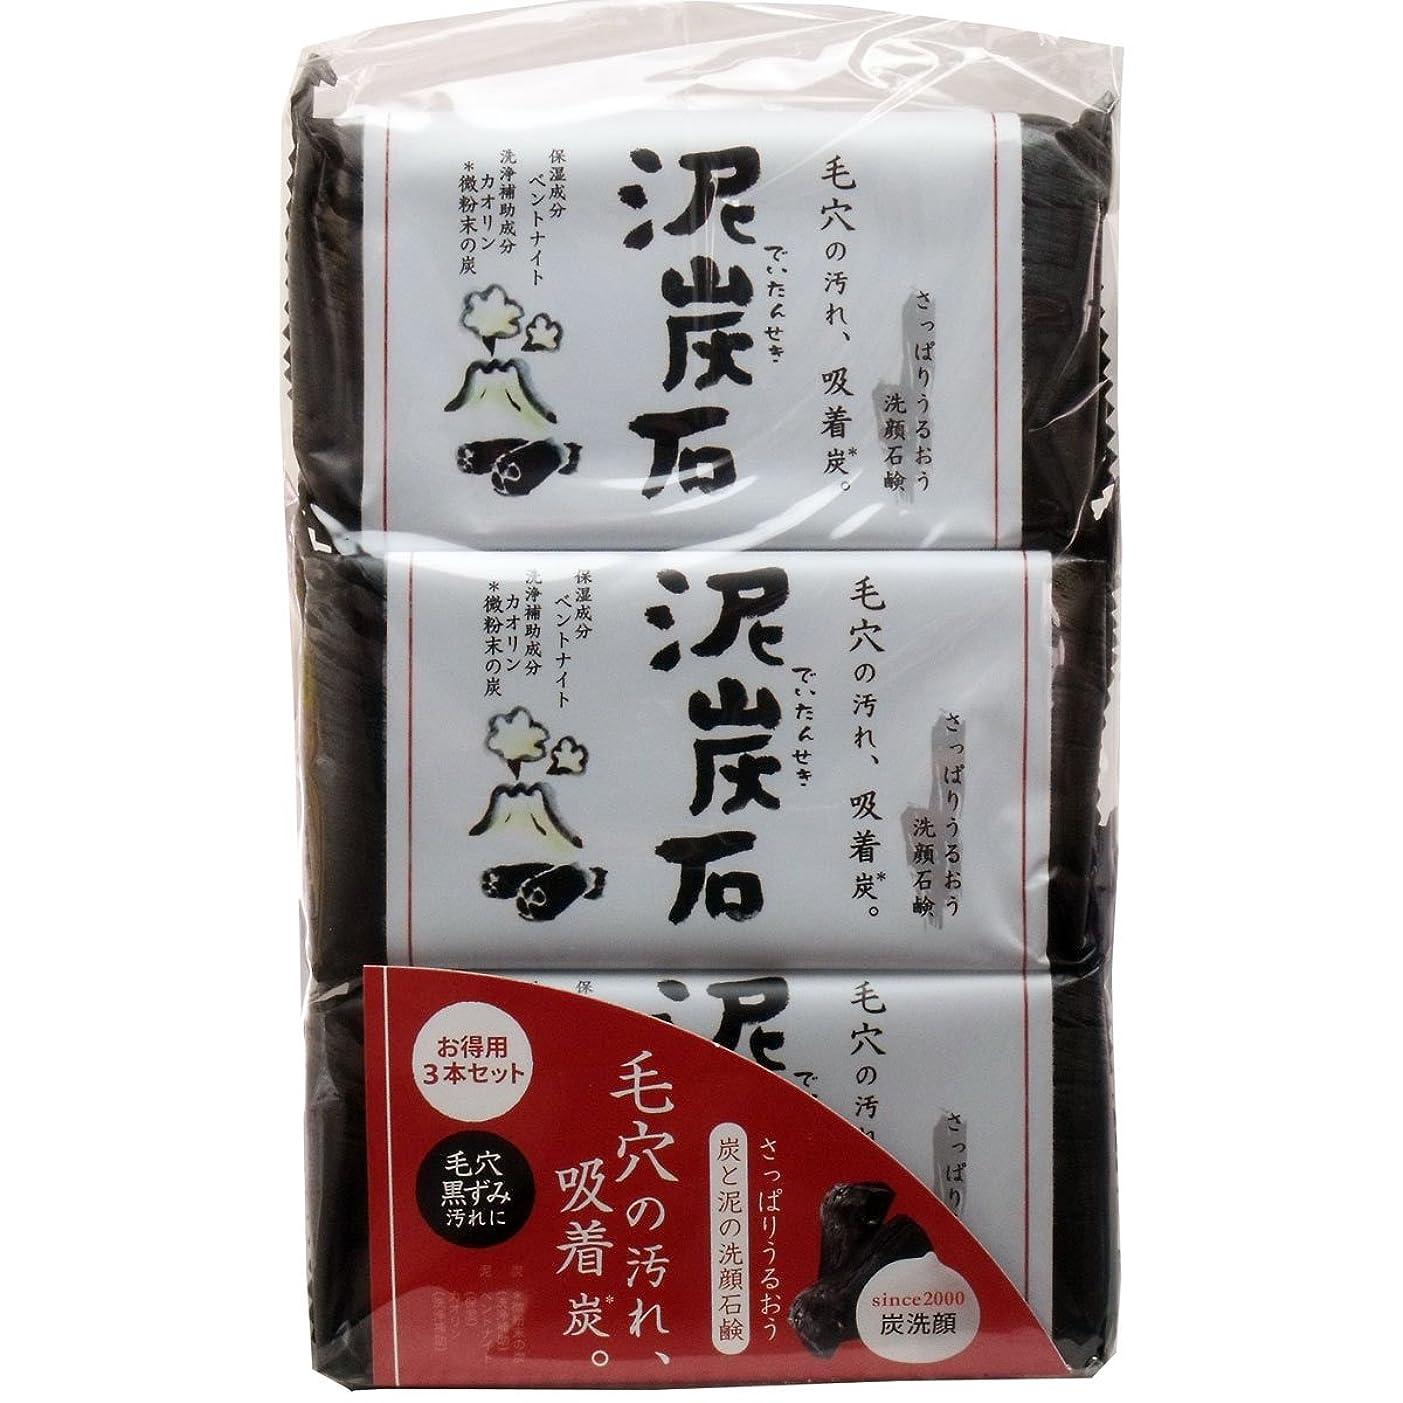 悪質なガウン暗黙【セット品】ペリカン 泥炭石 110g*3個×5セット